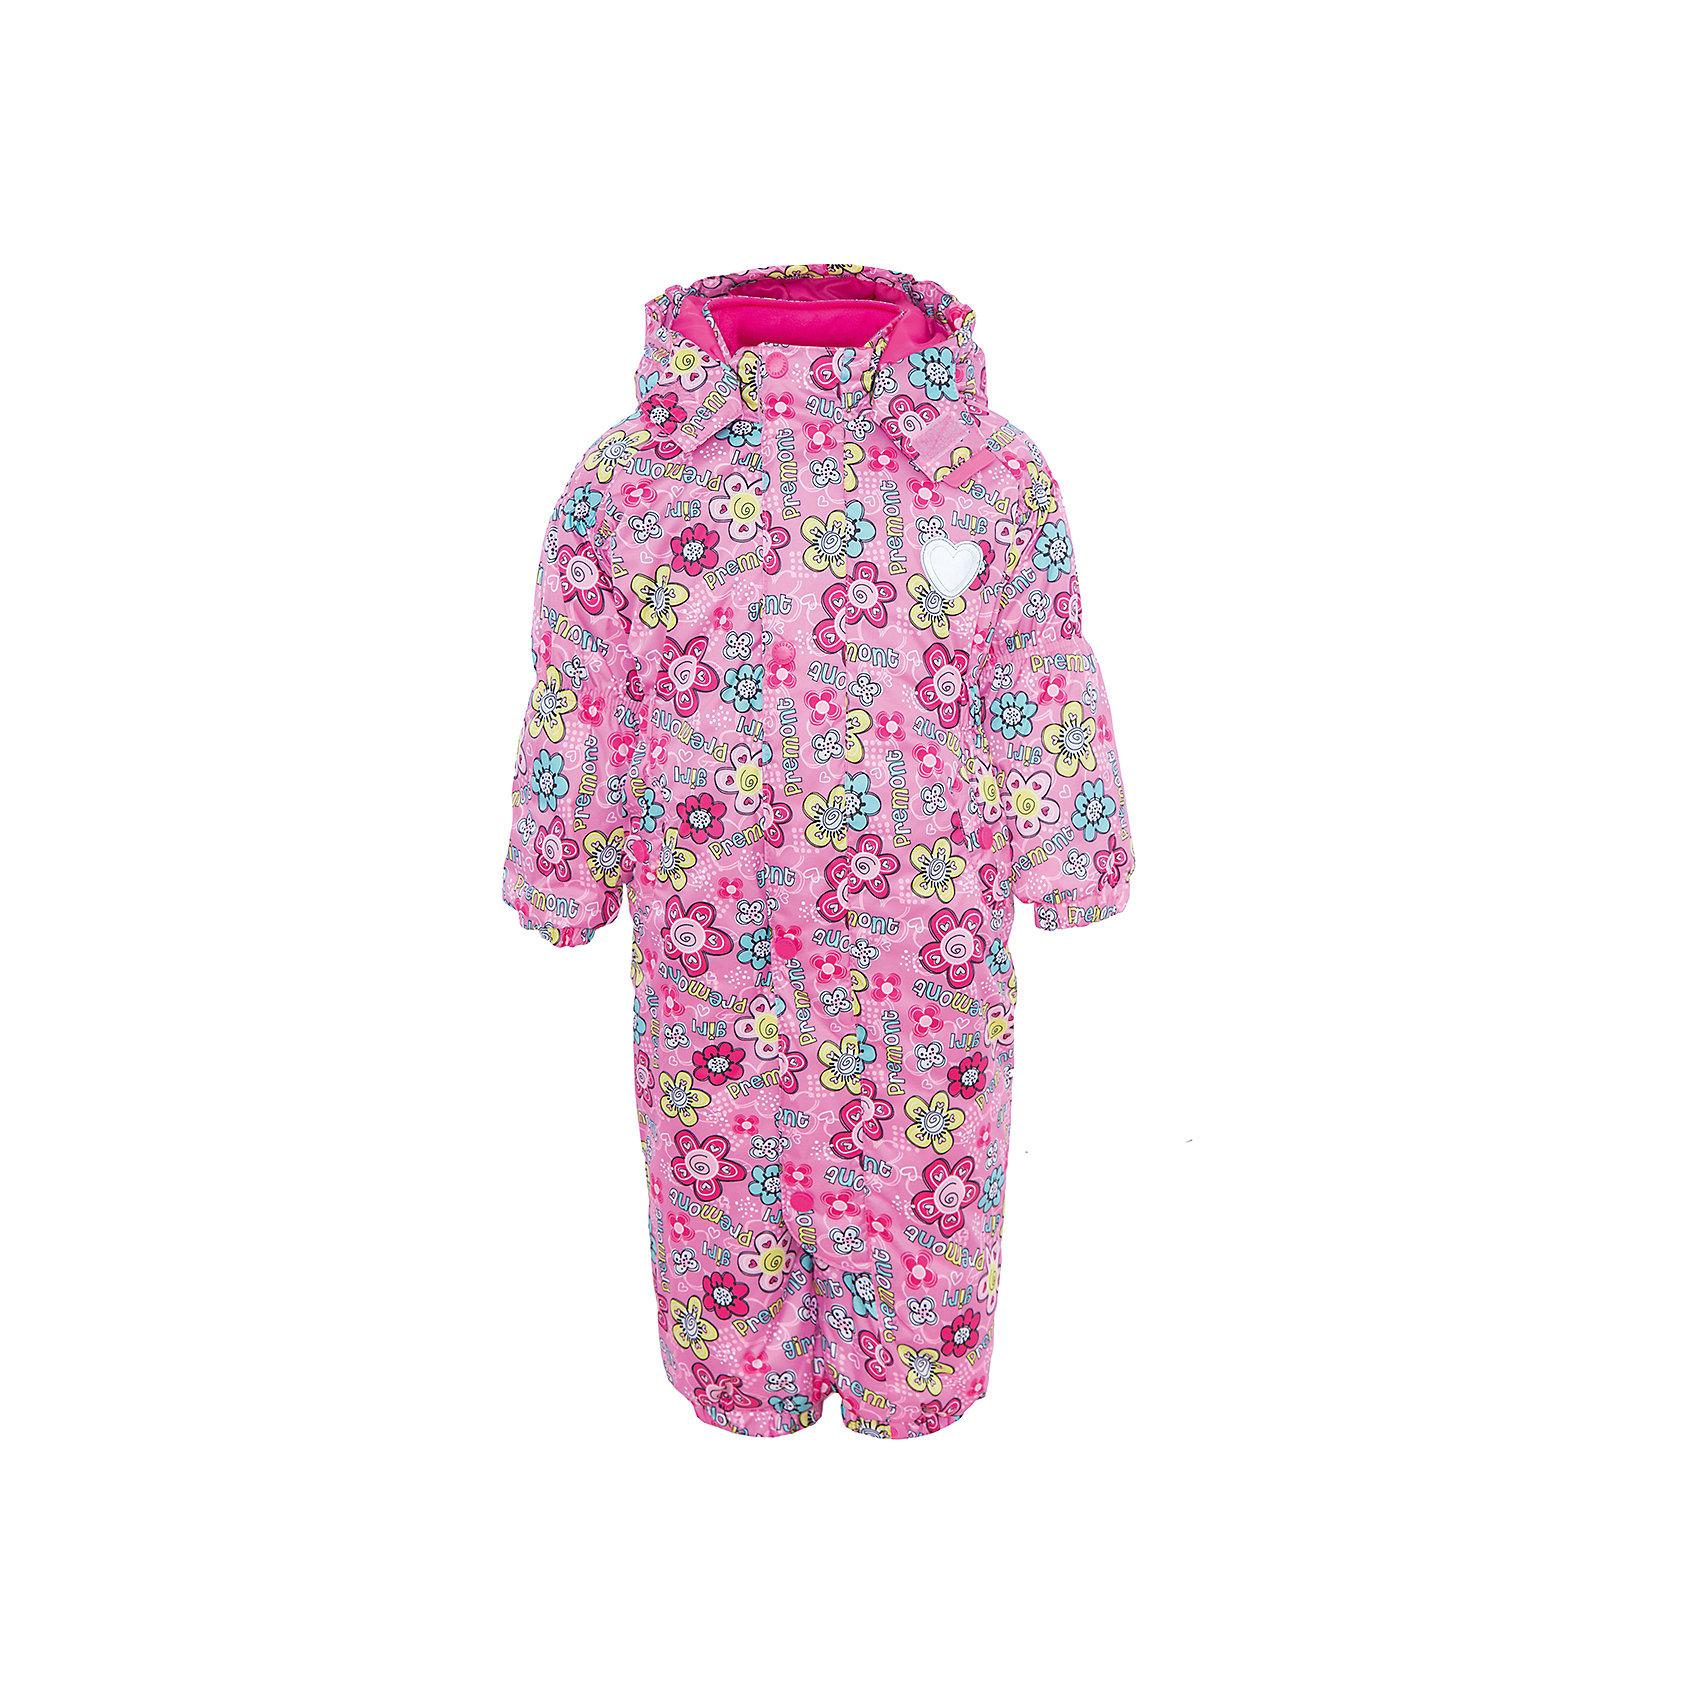 Комбинезон для девочки PremontВерхняя одежда<br>Характеристики товара:<br><br>• цвет: розовый<br>• состав: мембрана 3000мм/3000г/м2/24h<br>• подкладка: трикотаж, Taffeta в капюшоне и рукавах<br>• утеплитель - Tech-polyfill (120г/м2)<br>• светоотражающие элементы<br>• температурный режим: от -5°С до +10°С<br>• застежка - молния<br>• капюшон съемный с утяжкой<br>• принт<br>• ветронепроницаемый, водо- и грязеотталкивающий и дышащий материал<br>• эластичные манжеты<br>• комфортная посадка<br>• страна бренда: Канада<br><br>Демисезонный комбинезон - универсальный вариант и для прохладной осени, и для первых заморозков. Эта модель - модная и удобная одновременно! Комбинезон отличается стильным ярким дизайном. Комплект хорошо сидит по фигуре, отлично сочетается с различной обувью. Вещь была разработана специально для детей.<br><br>Одежда от канадского бренда Premont уже завоевала популярностью у многих детей и их родителей. Вещи, выпускаемые компанией, качественные, продуманные и очень удобные. Для производства коллекций используются только безопасные для детей материалы.<br><br>Комбинезон для девочки от бренда Premont можно купить в нашем интернет-магазине.<br><br>Ширина мм: 356<br>Глубина мм: 10<br>Высота мм: 245<br>Вес г: 519<br>Цвет: розовый<br>Возраст от месяцев: 12<br>Возраст до месяцев: 18<br>Пол: Женский<br>Возраст: Детский<br>Размер: 86,98,92,80,74,68<br>SKU: 5352936